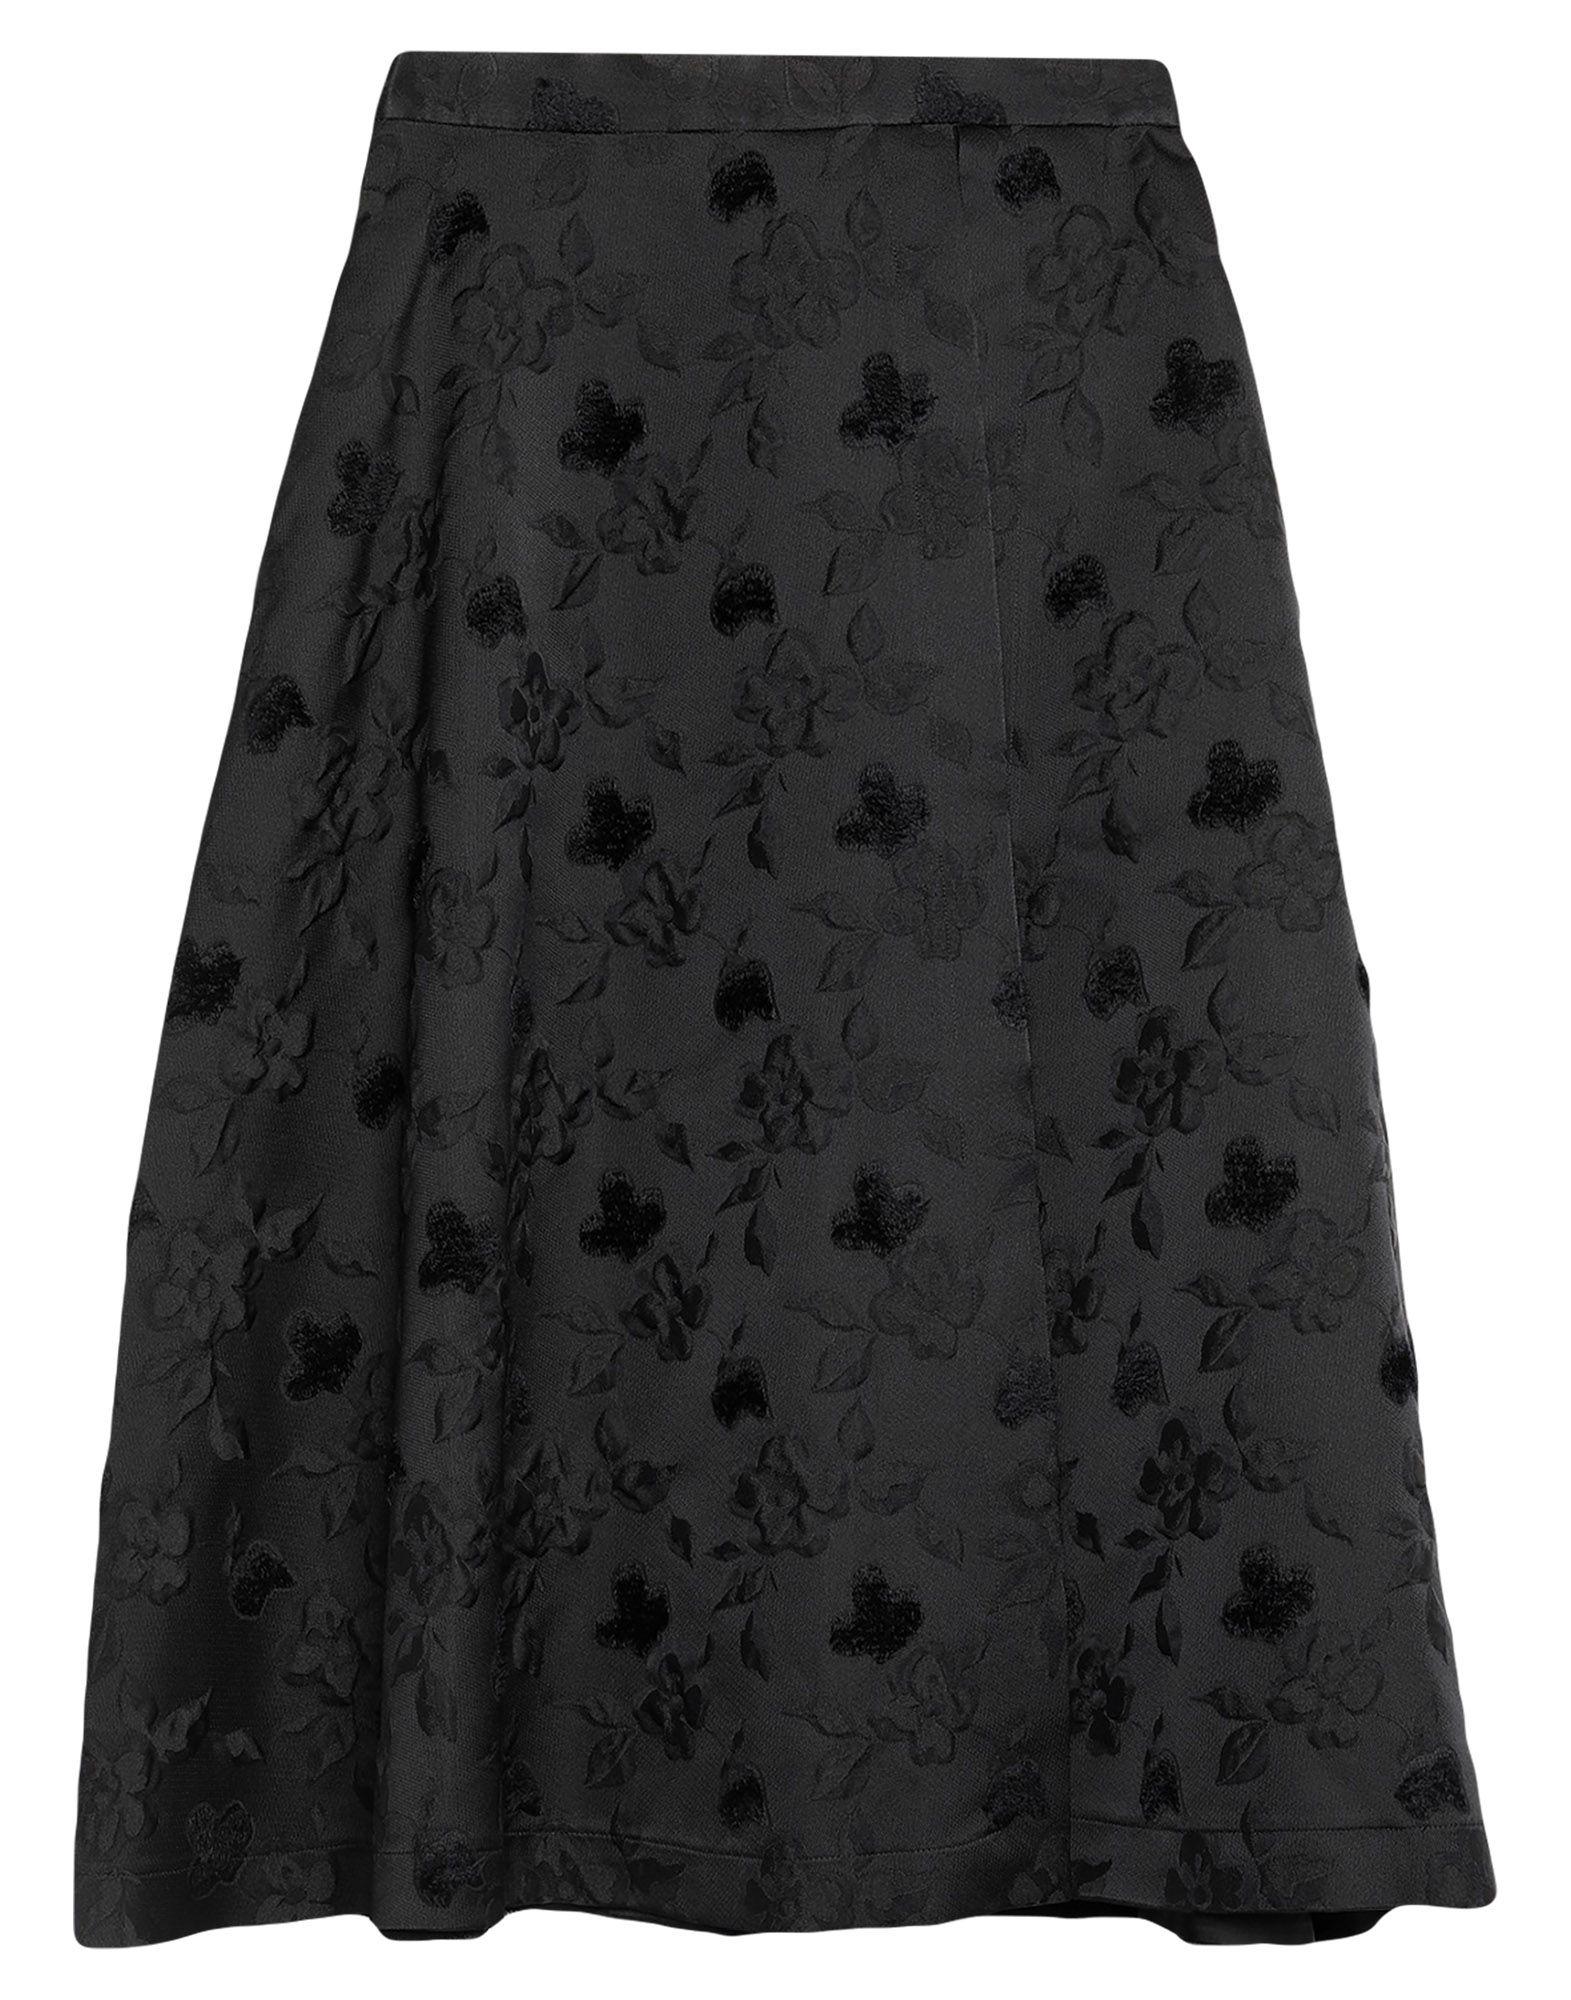 Фото - NOIR KEI NINOMIYA Юбка длиной 3/4 noir kei ninomiya блузка